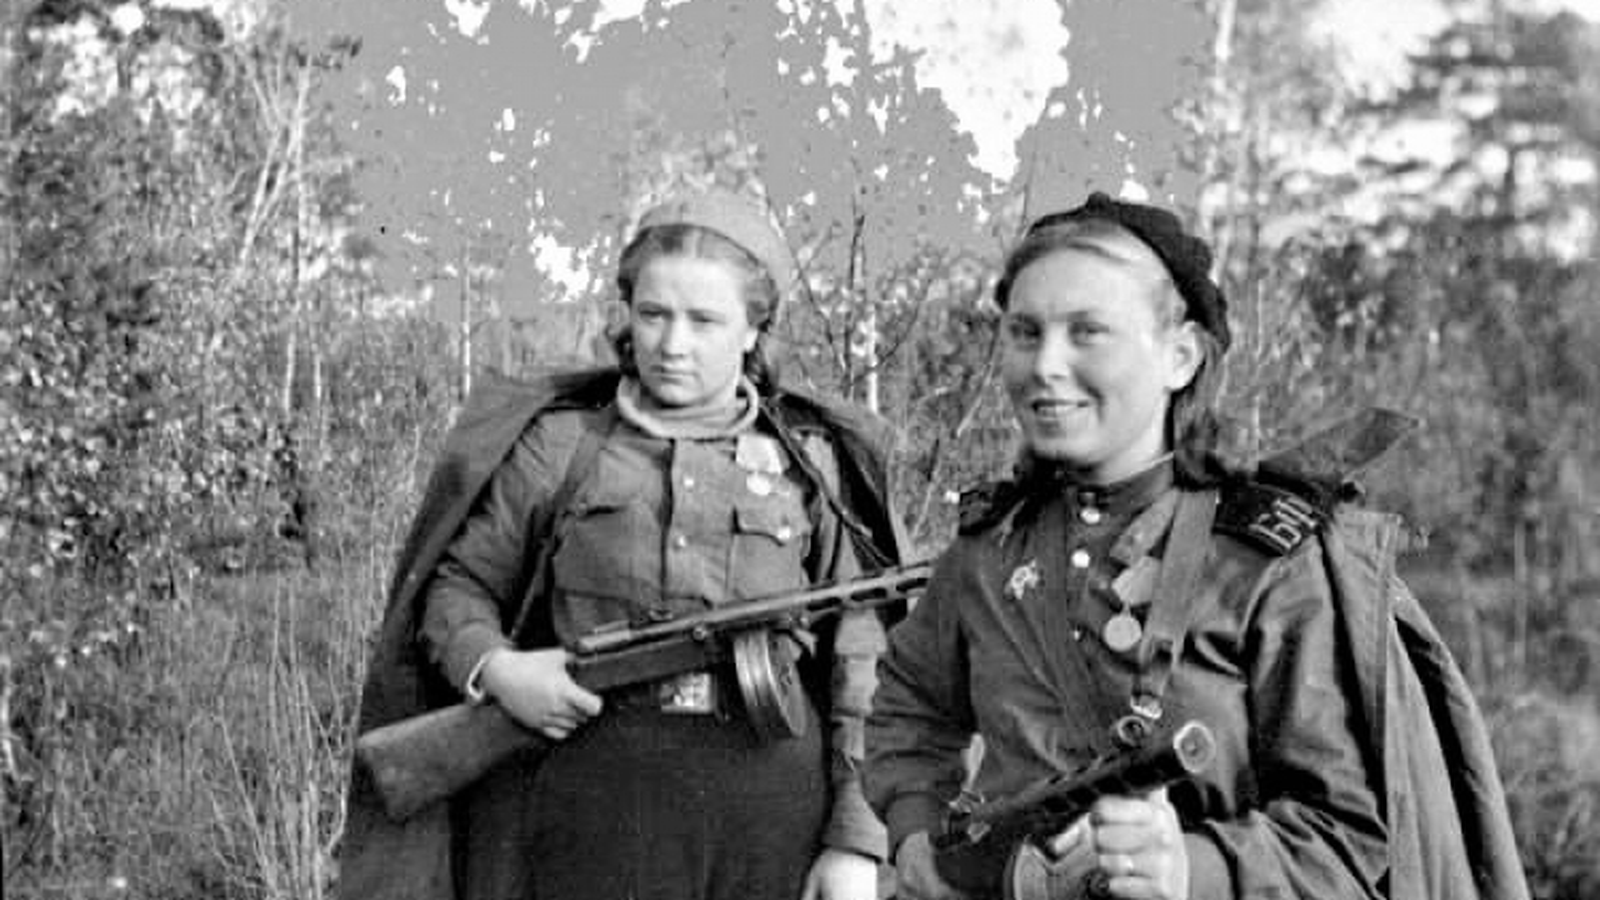 Hồng quân Liên Xô từng có đơn vị nữ bộ binh